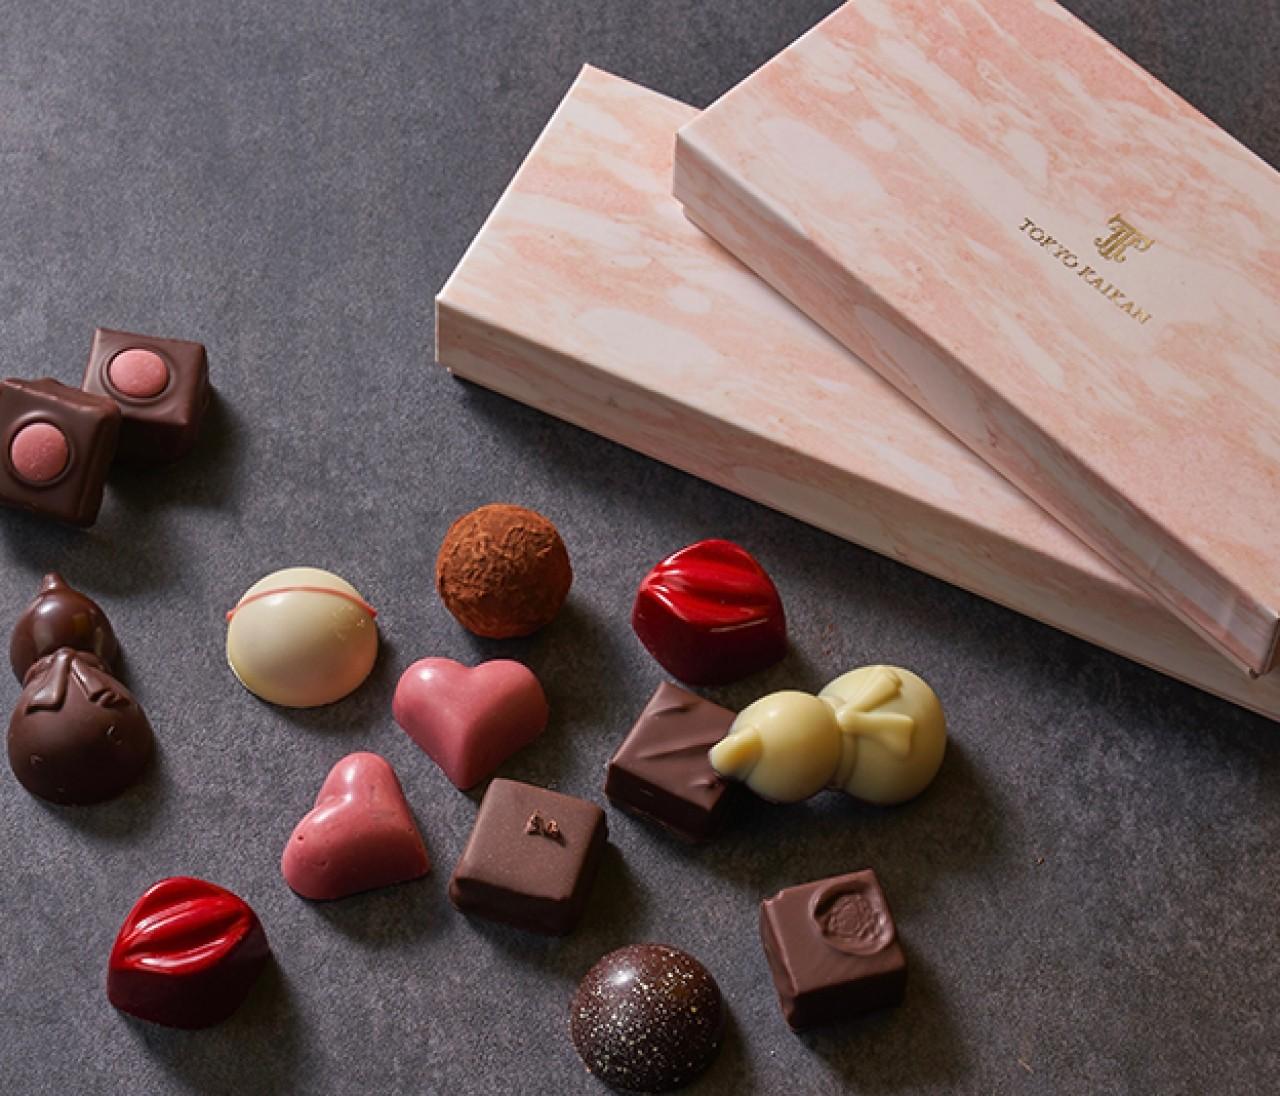 第4のチョコレートを堪能! 東京會舘のバレンタイン限定ショコラ